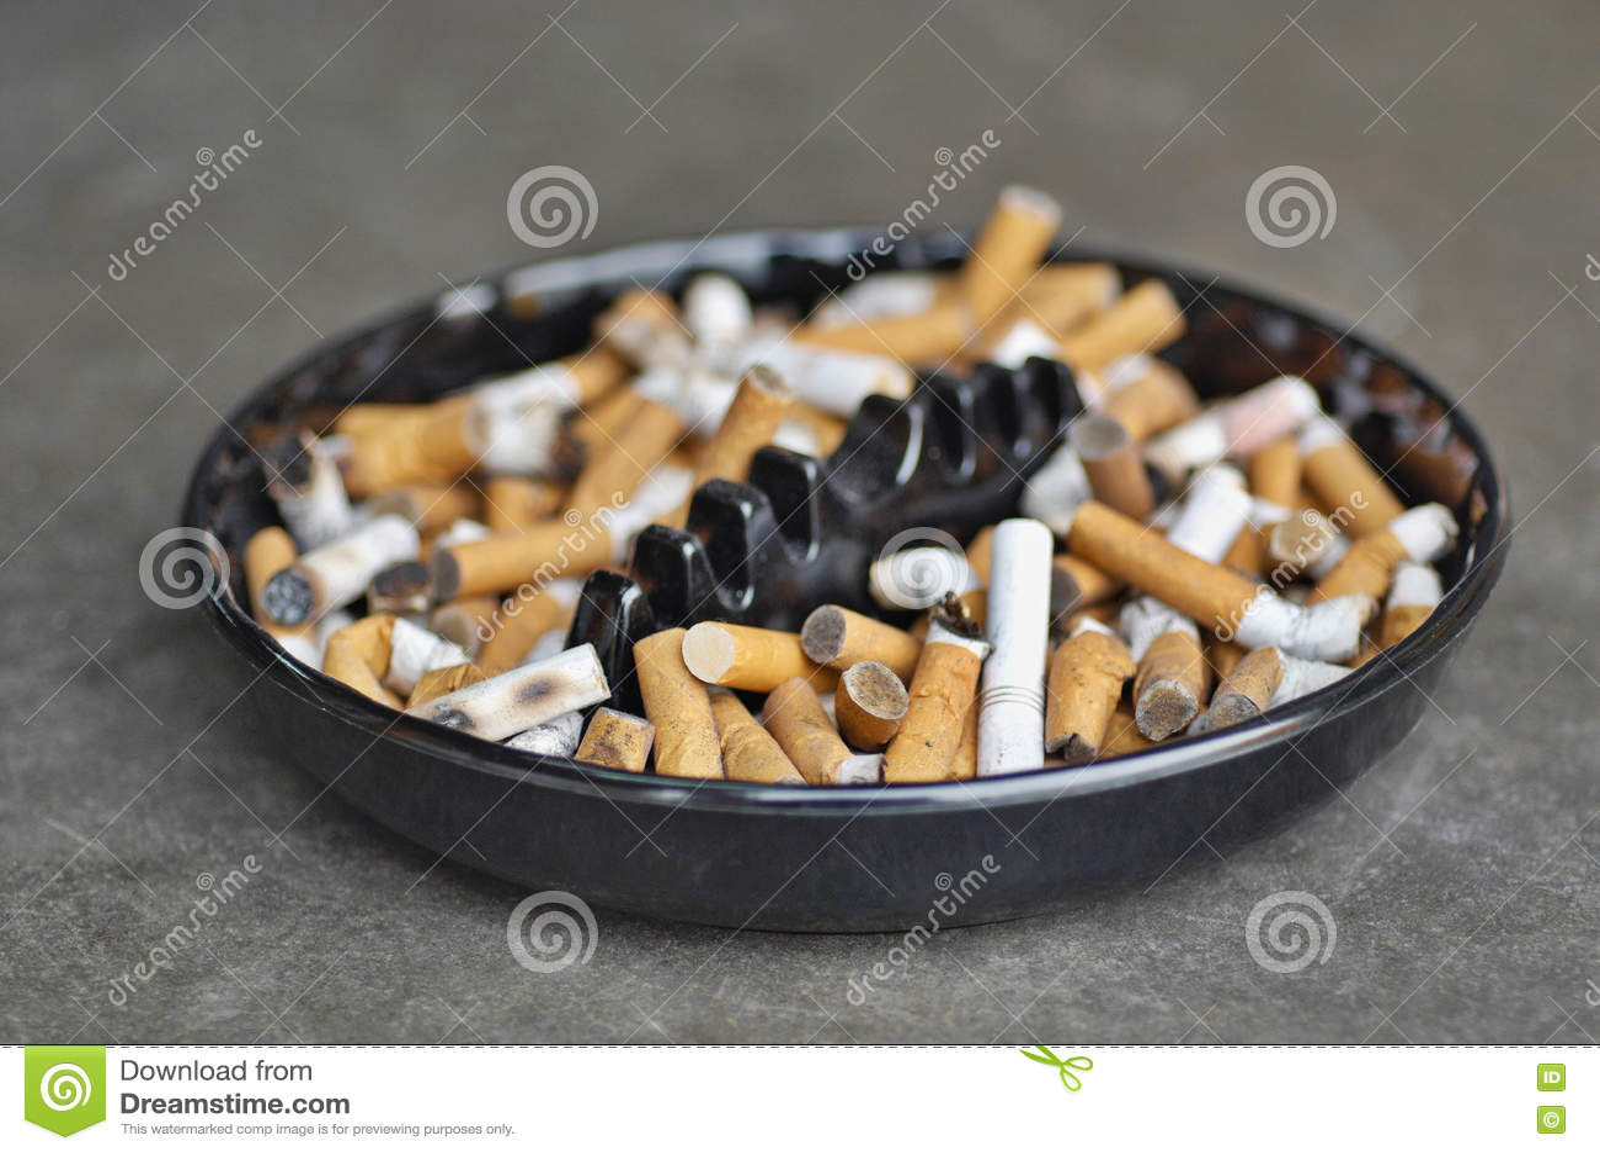 Fullt askfat av cigaretter på tabellen, närbild